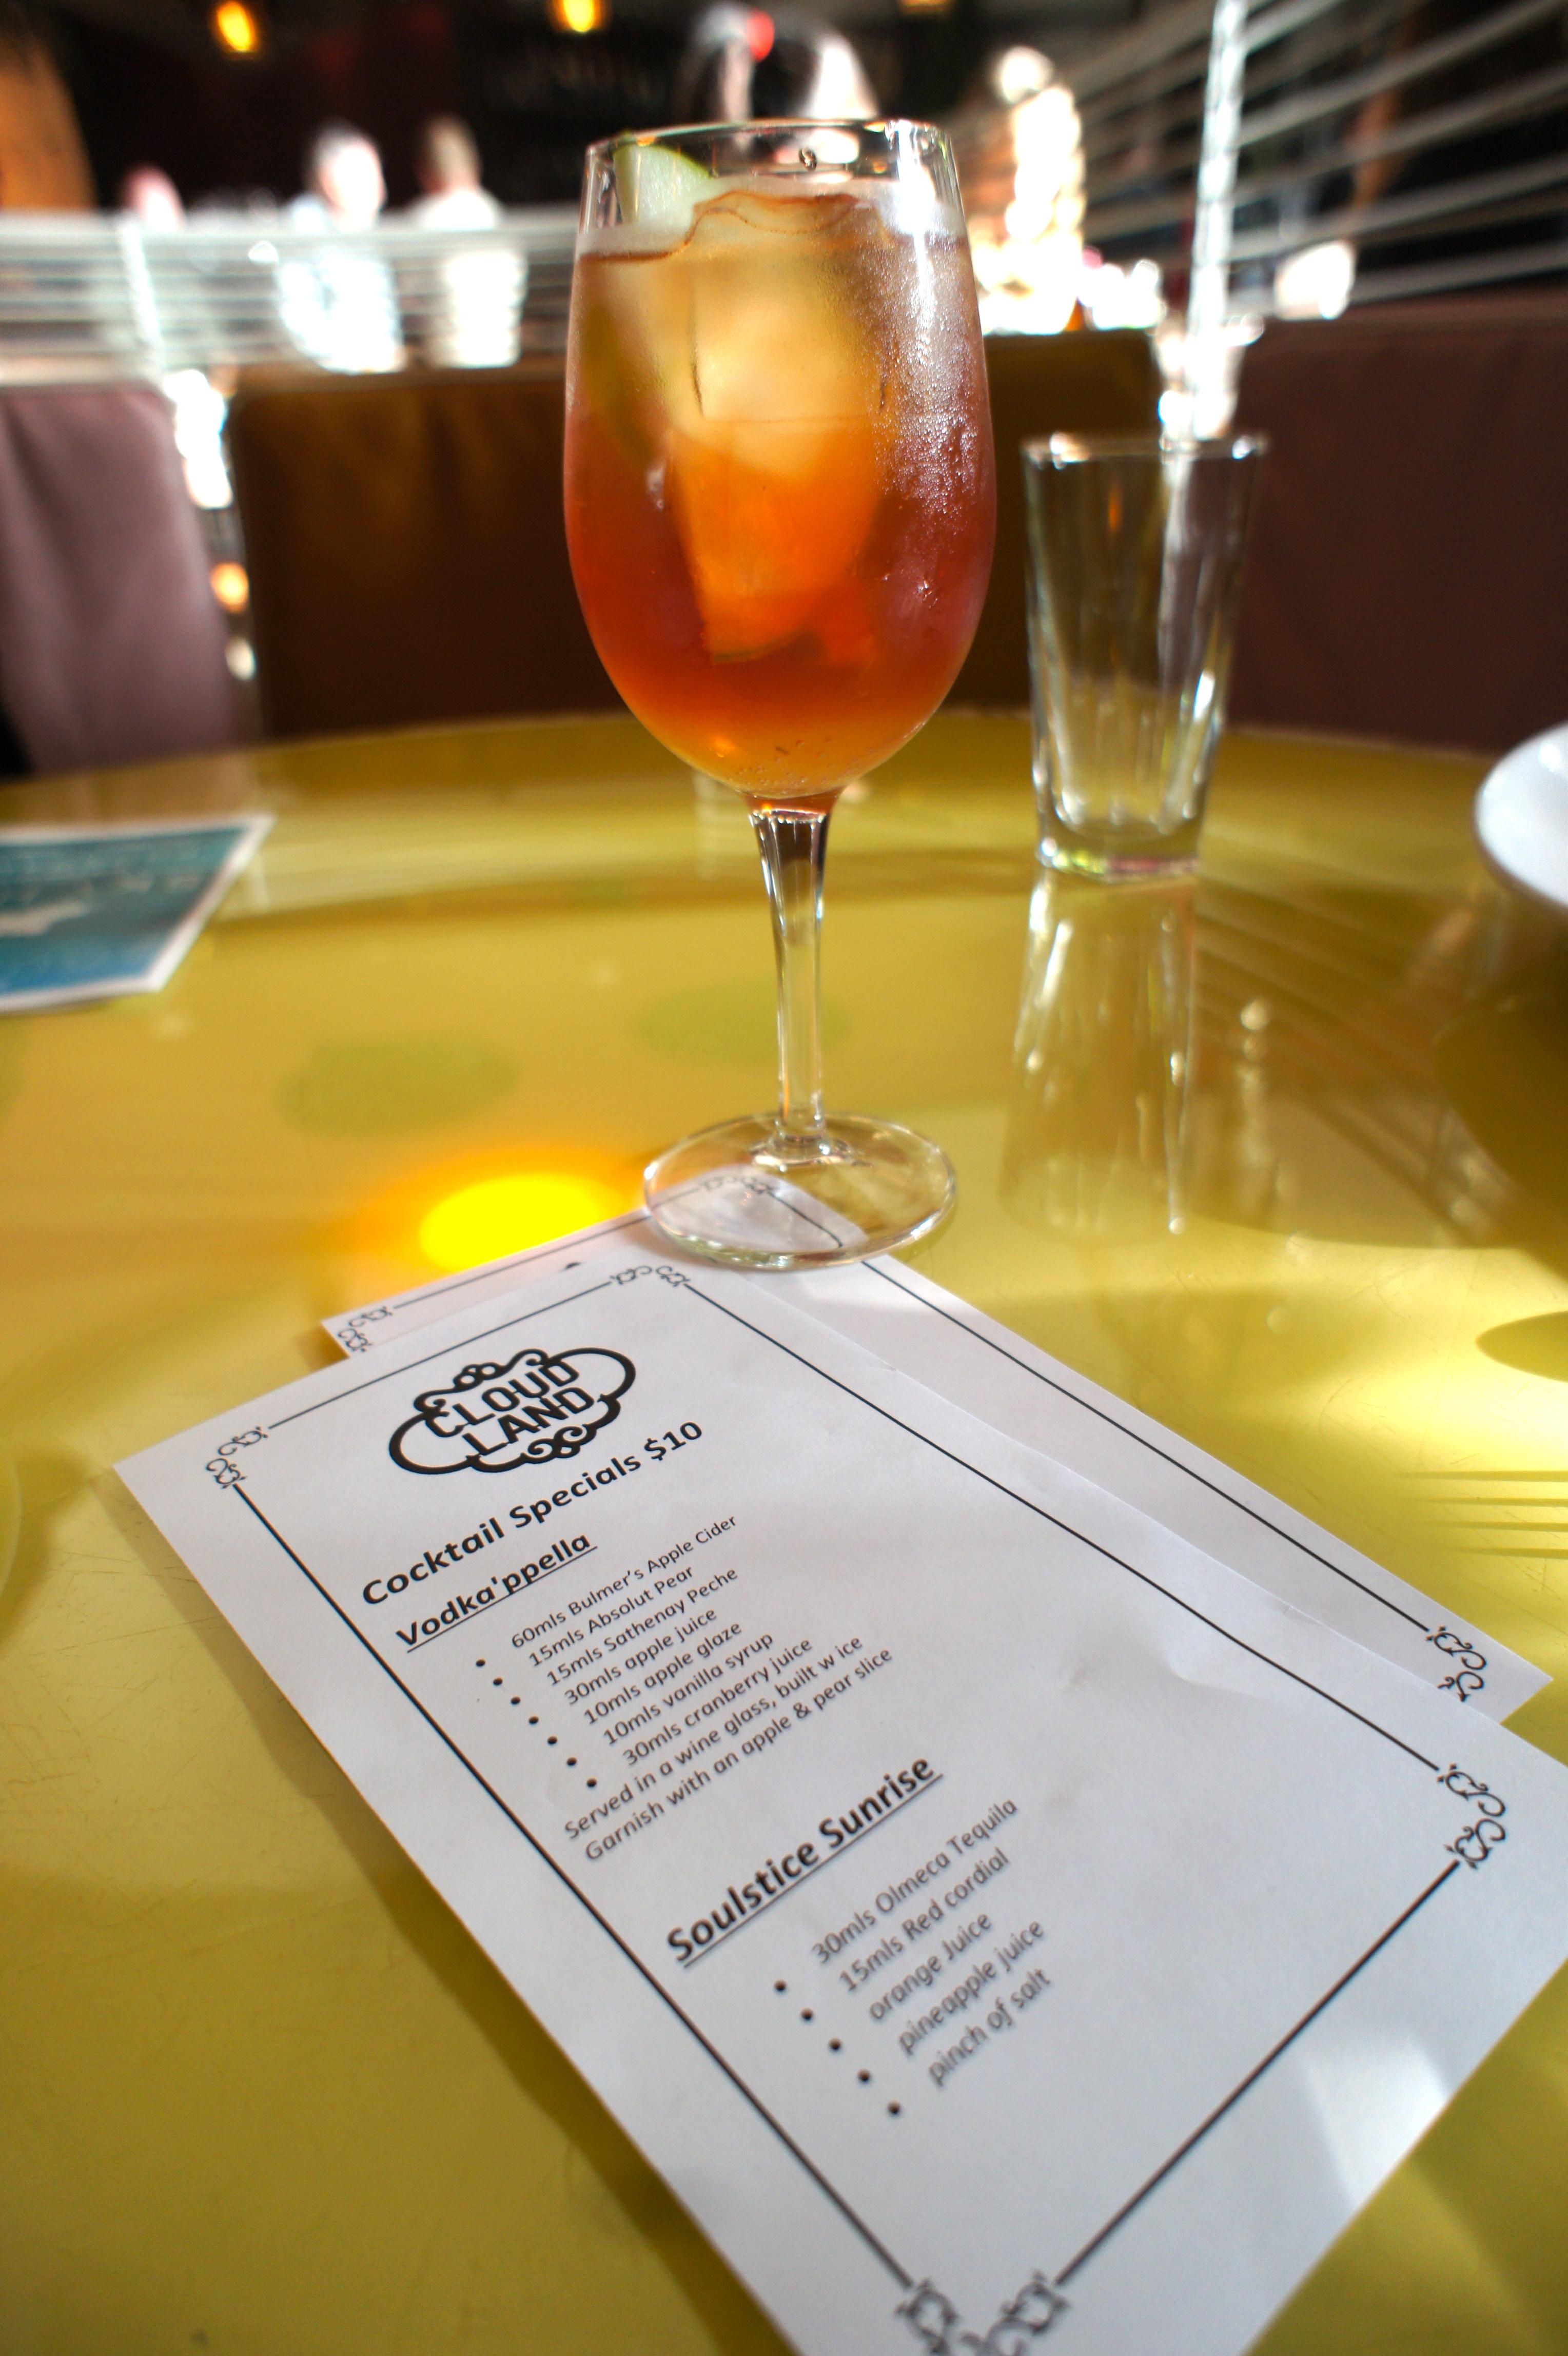 Vodkappella cocktail